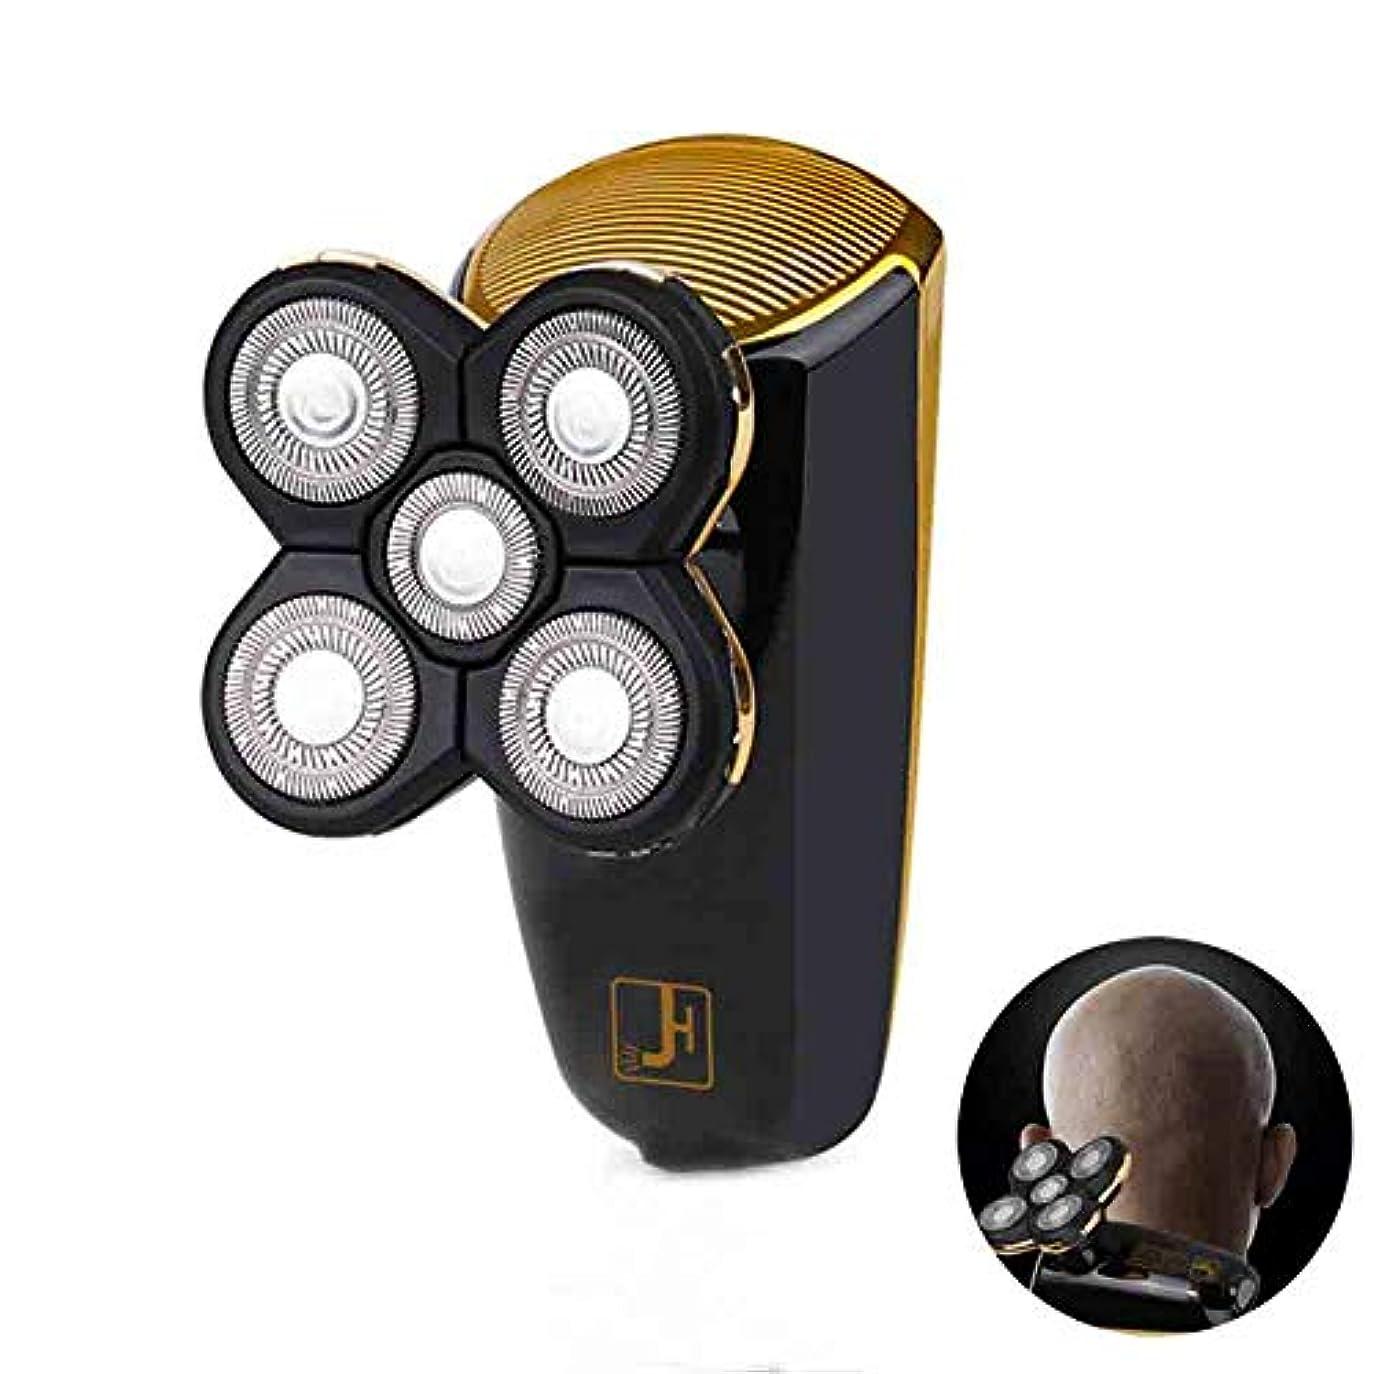 カップルウィンク過度に電気シェーバー、USB 充電5頭電気シェーバー全身洗浄することができます、LED ブートディスプレイ車脱毛、黒